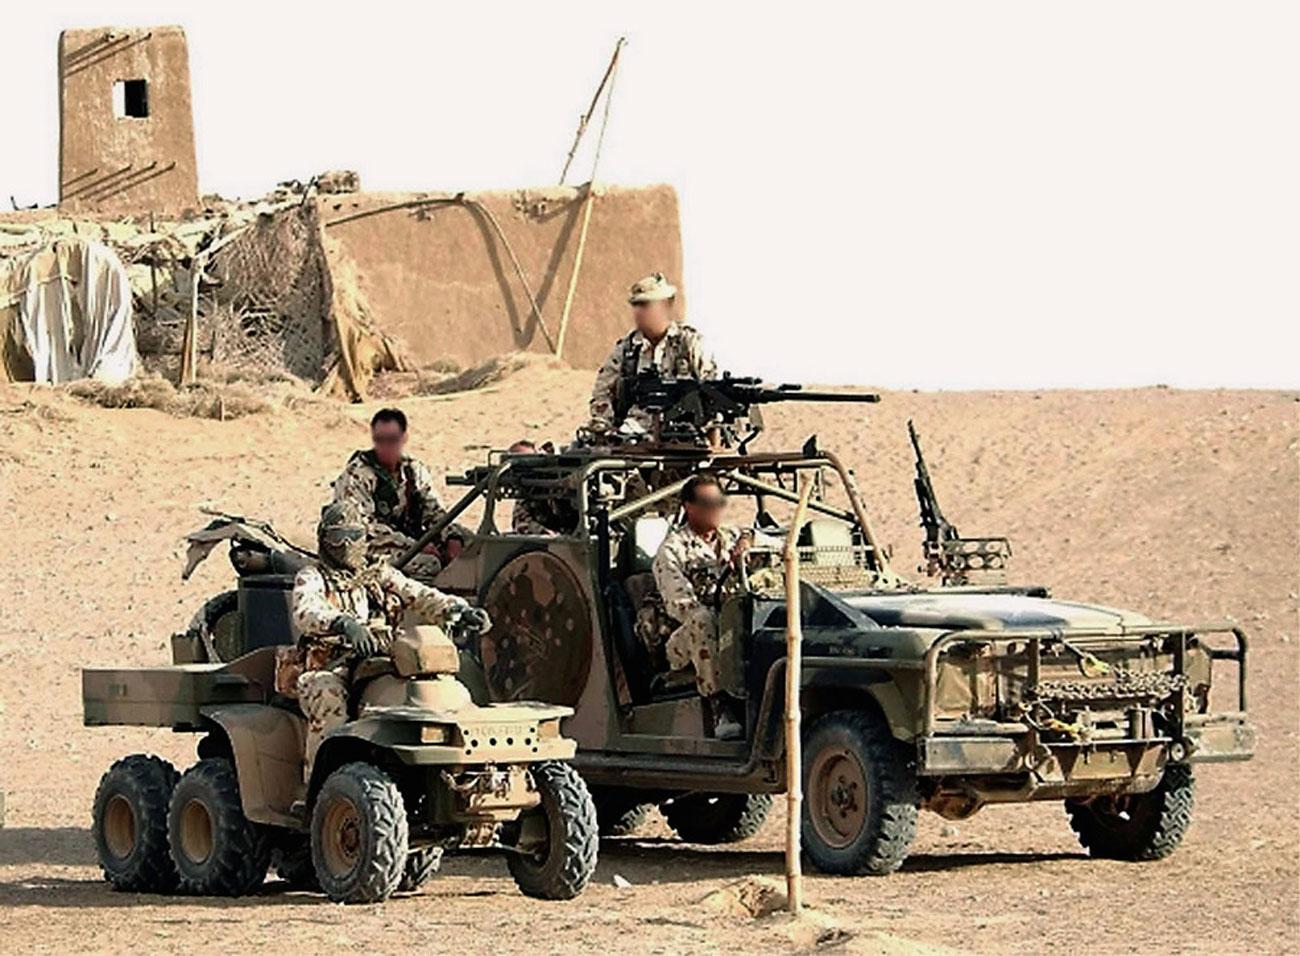 Βαρβαρότητα Αυστραλού στρατιώτη: Έπινε μπύρα από προσθετικό πόδι νεκρού Ταλιμπάν